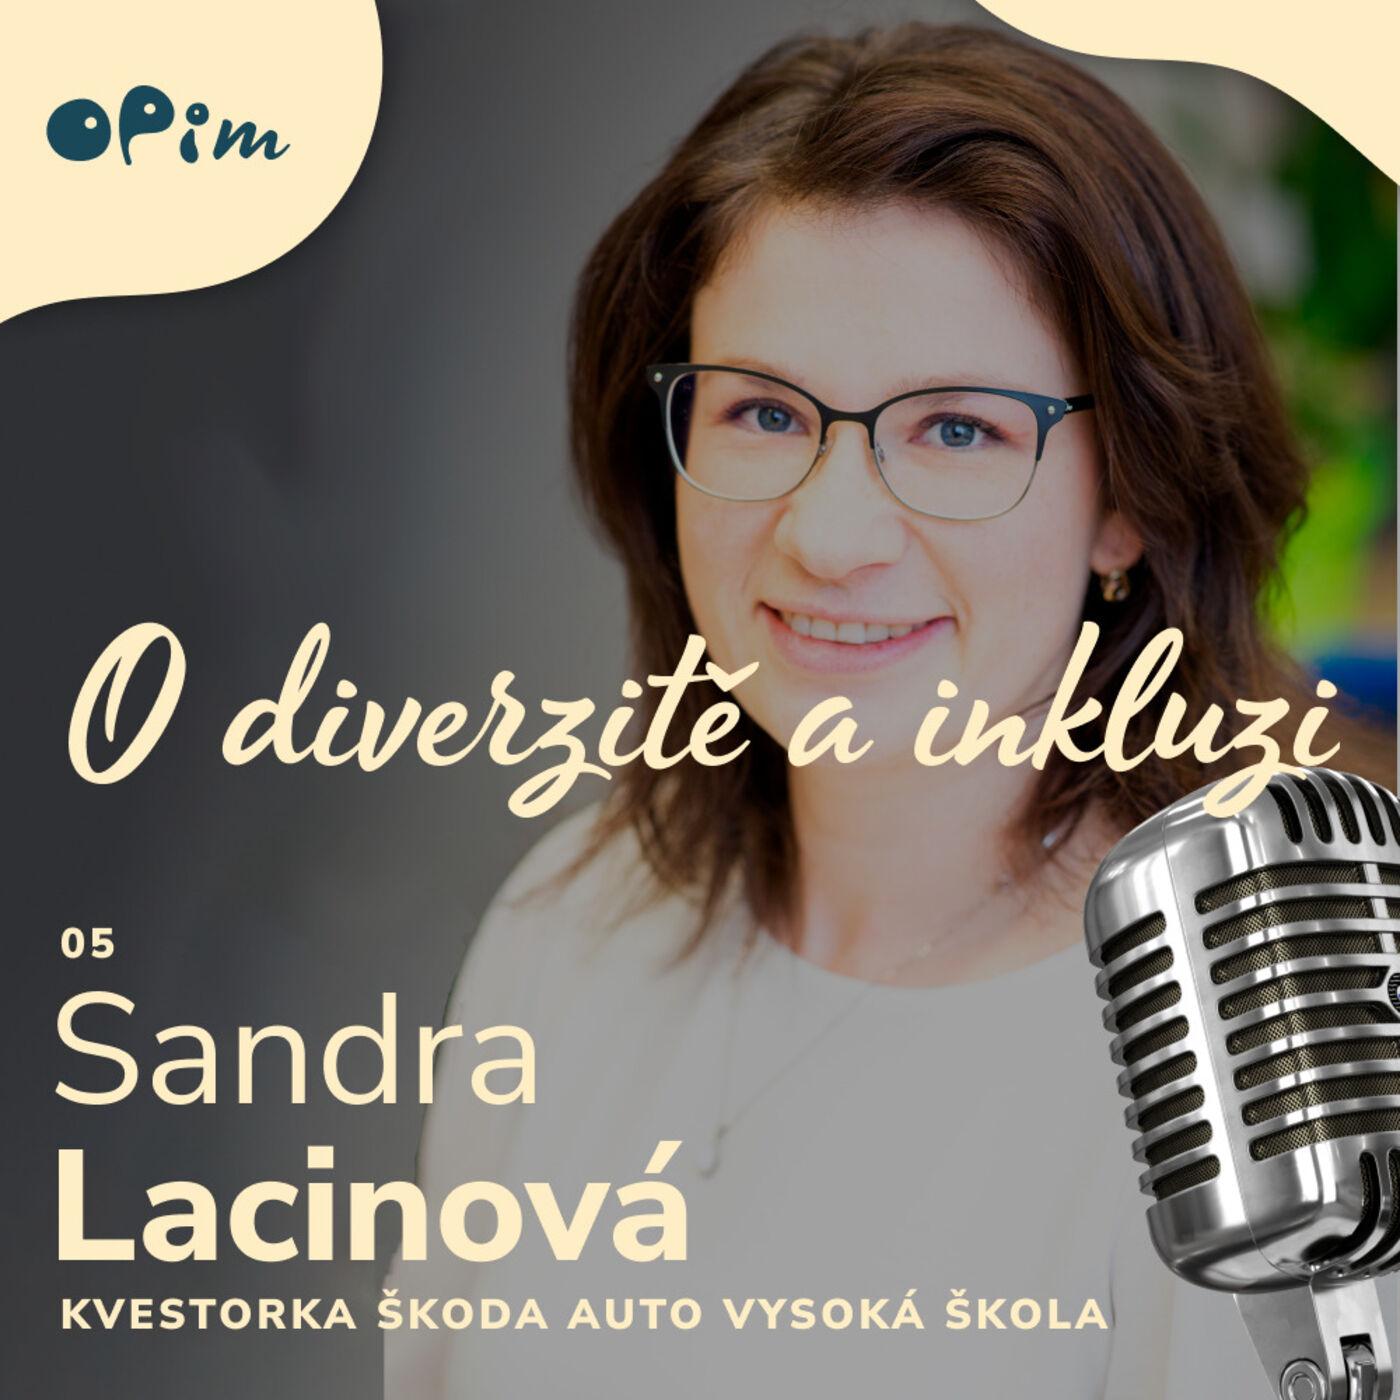 05: Sandra Lacinová: i akademická půda by se měla starat o to být inkluzivní a dát příležitost různorodým studentům.